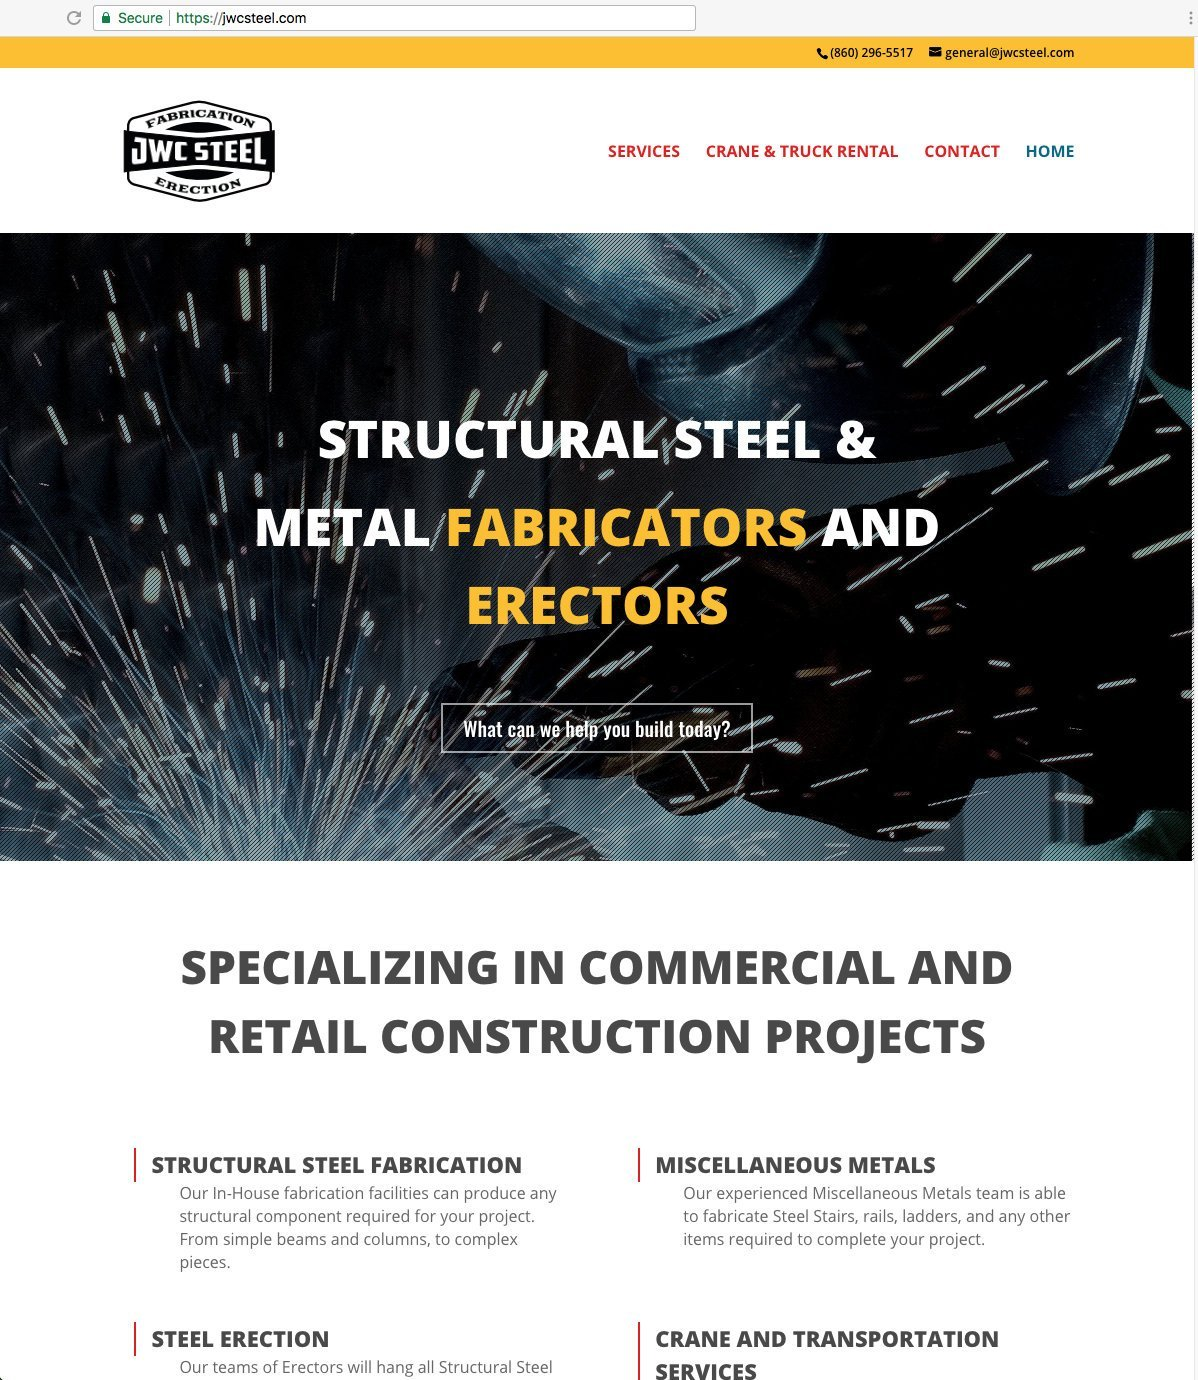 JWC Steel